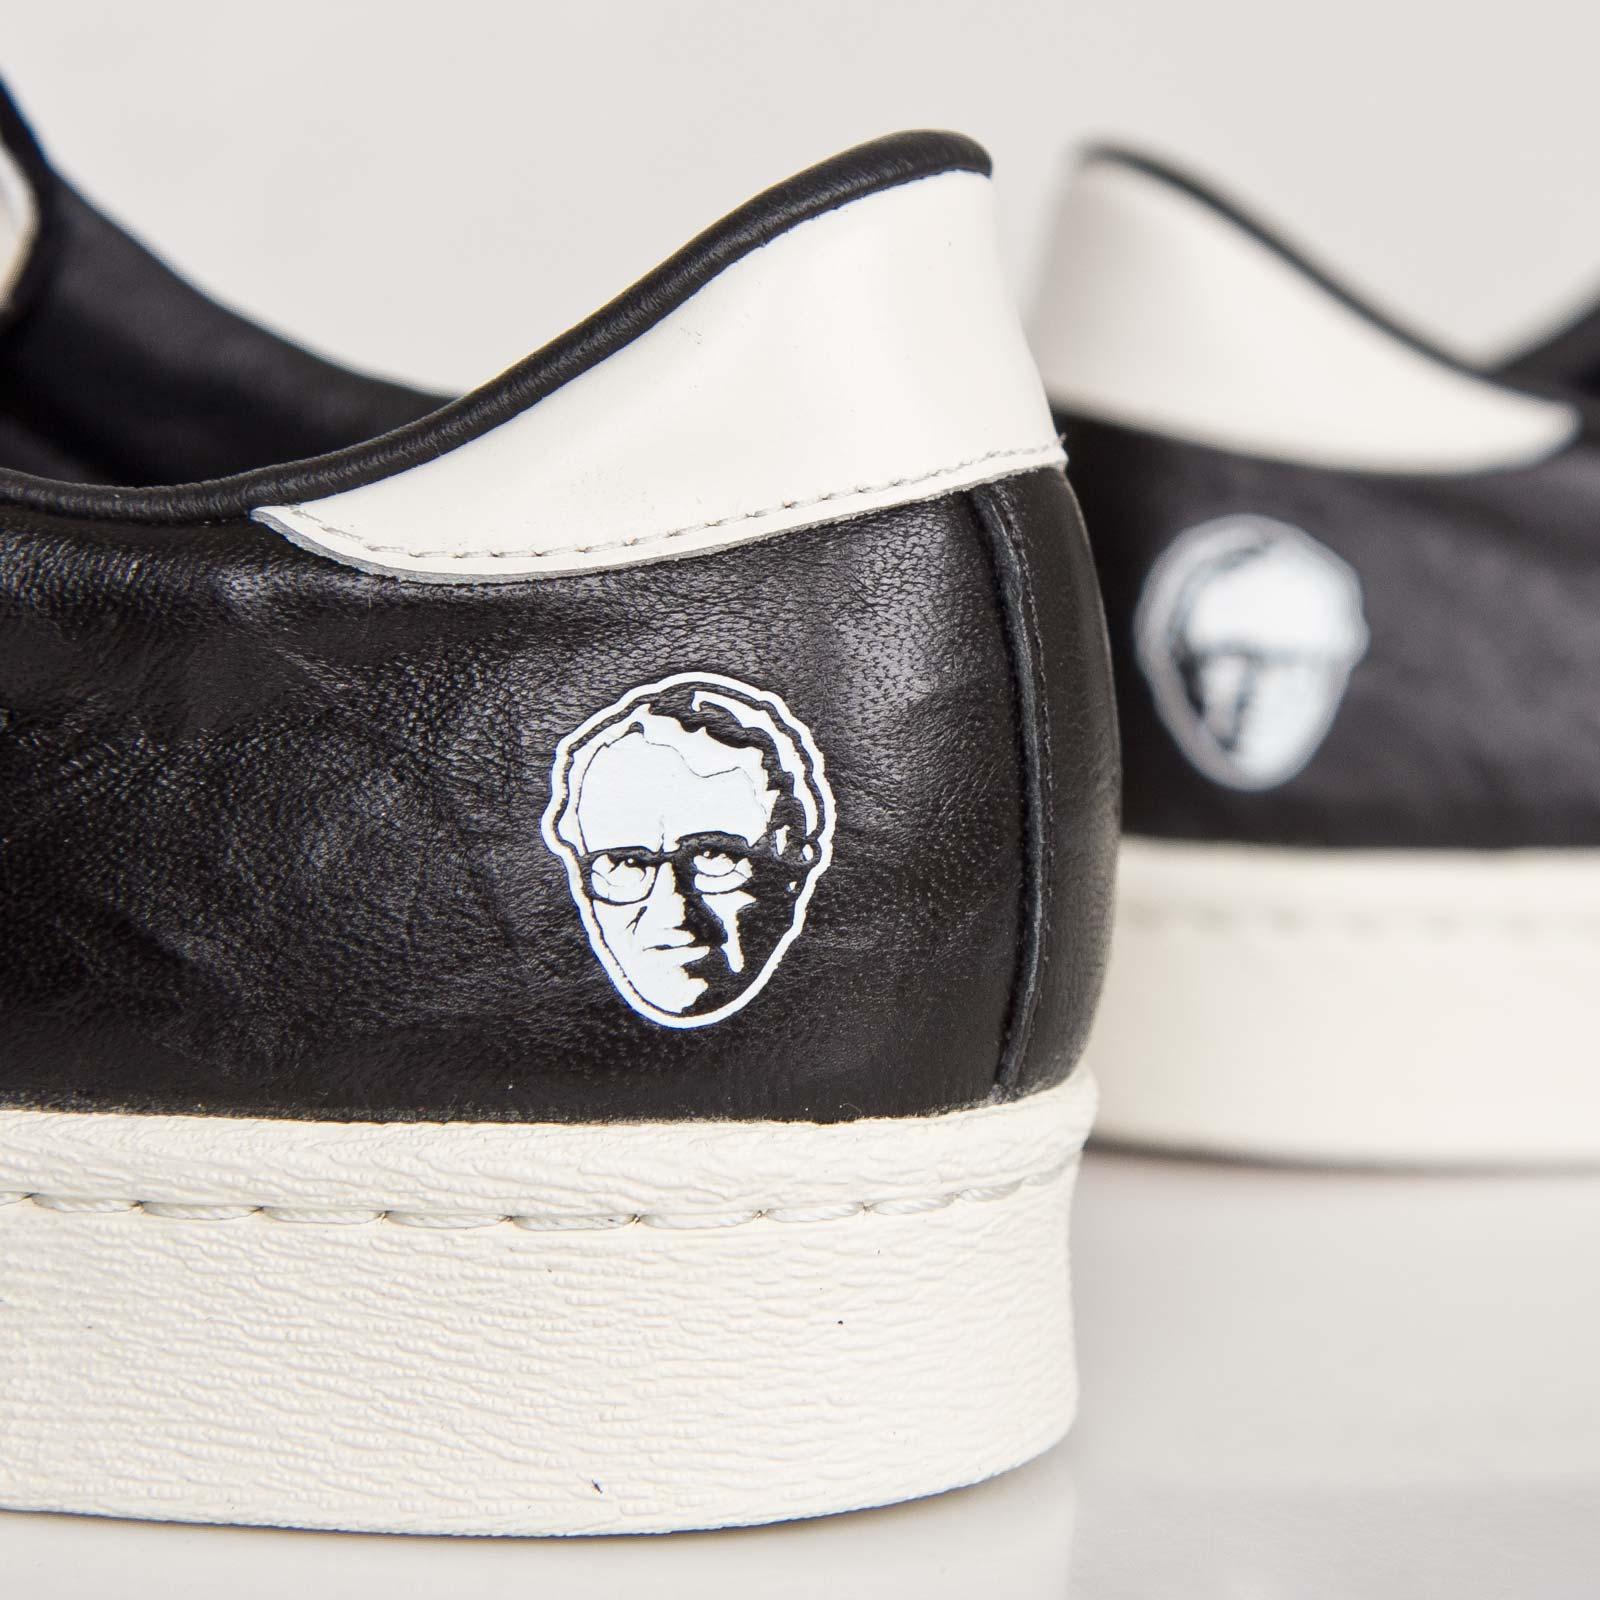 c54ce781888 adidas Superstar 80v - A.D - B26279 - Sneakersnstuff